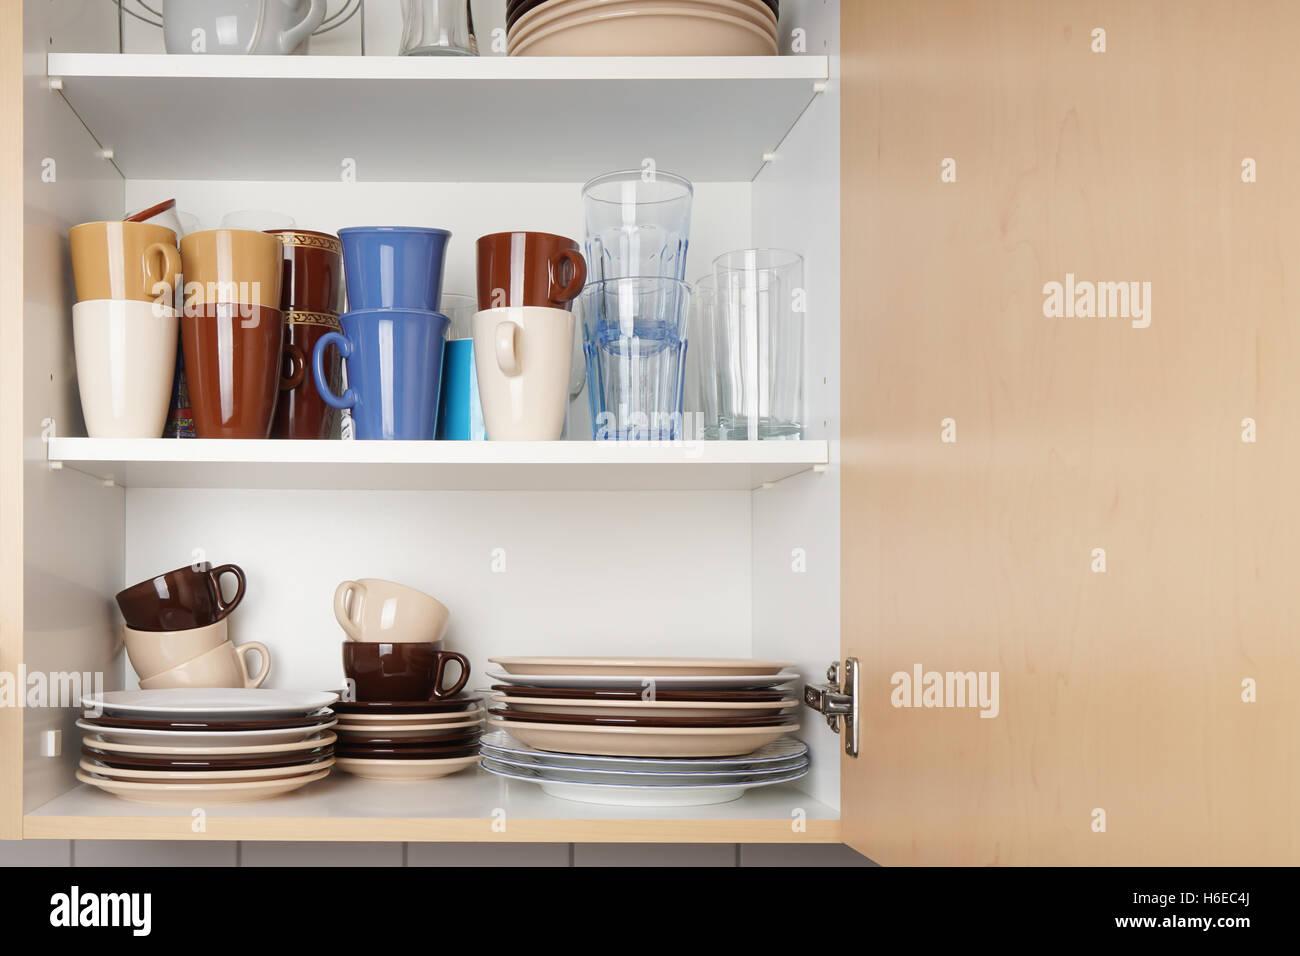 Credenza Per Ripostiglio : Mobile da cucina o credenza per piatti foto immagine stock